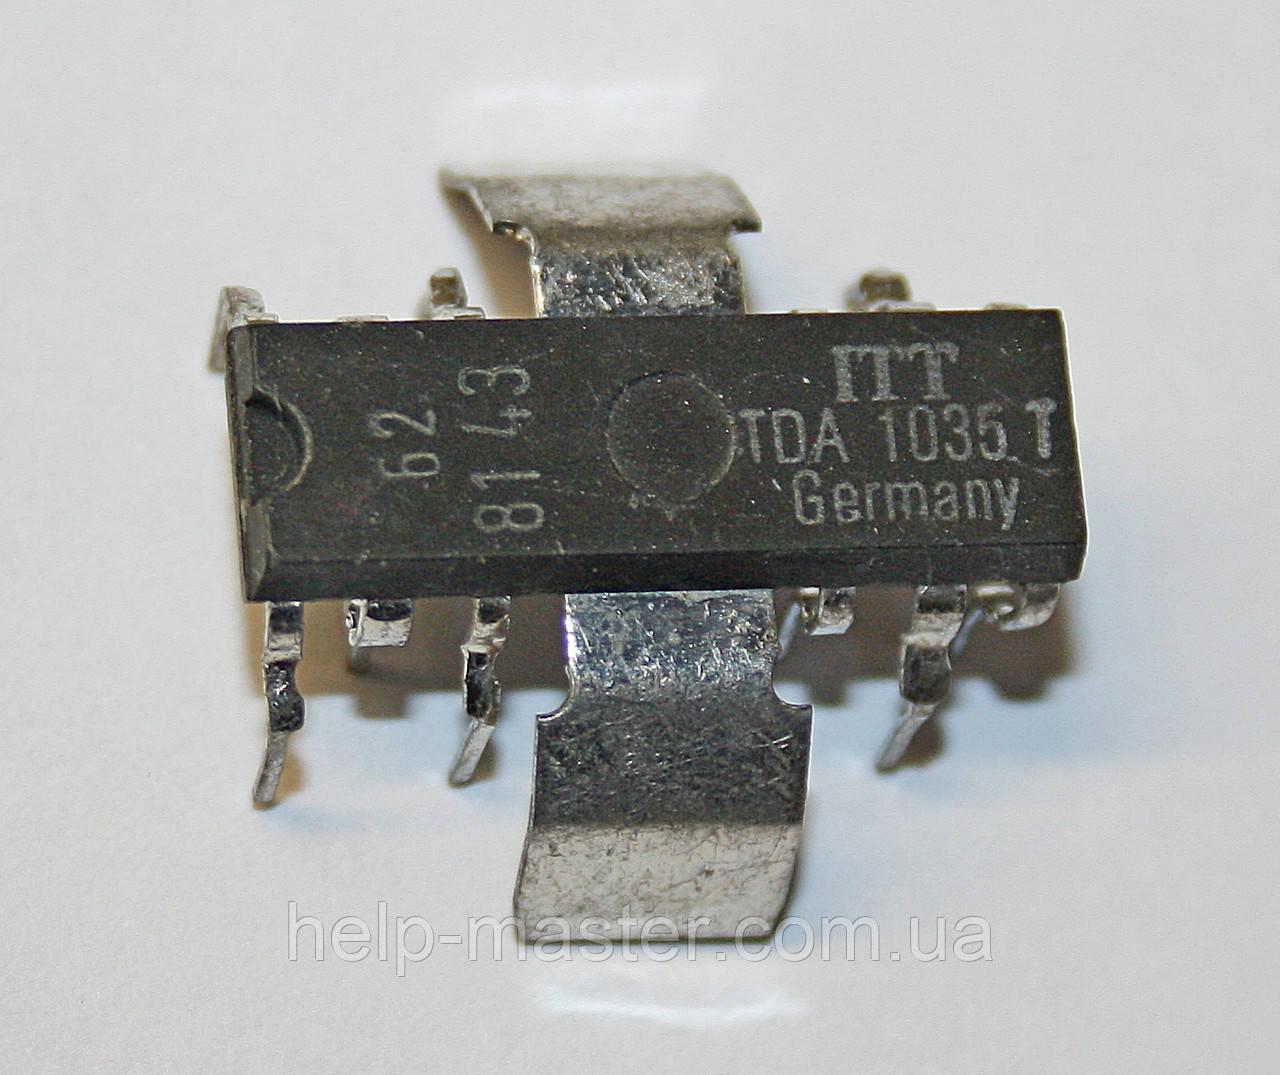 Микросхема TDA1035T (DIP12)